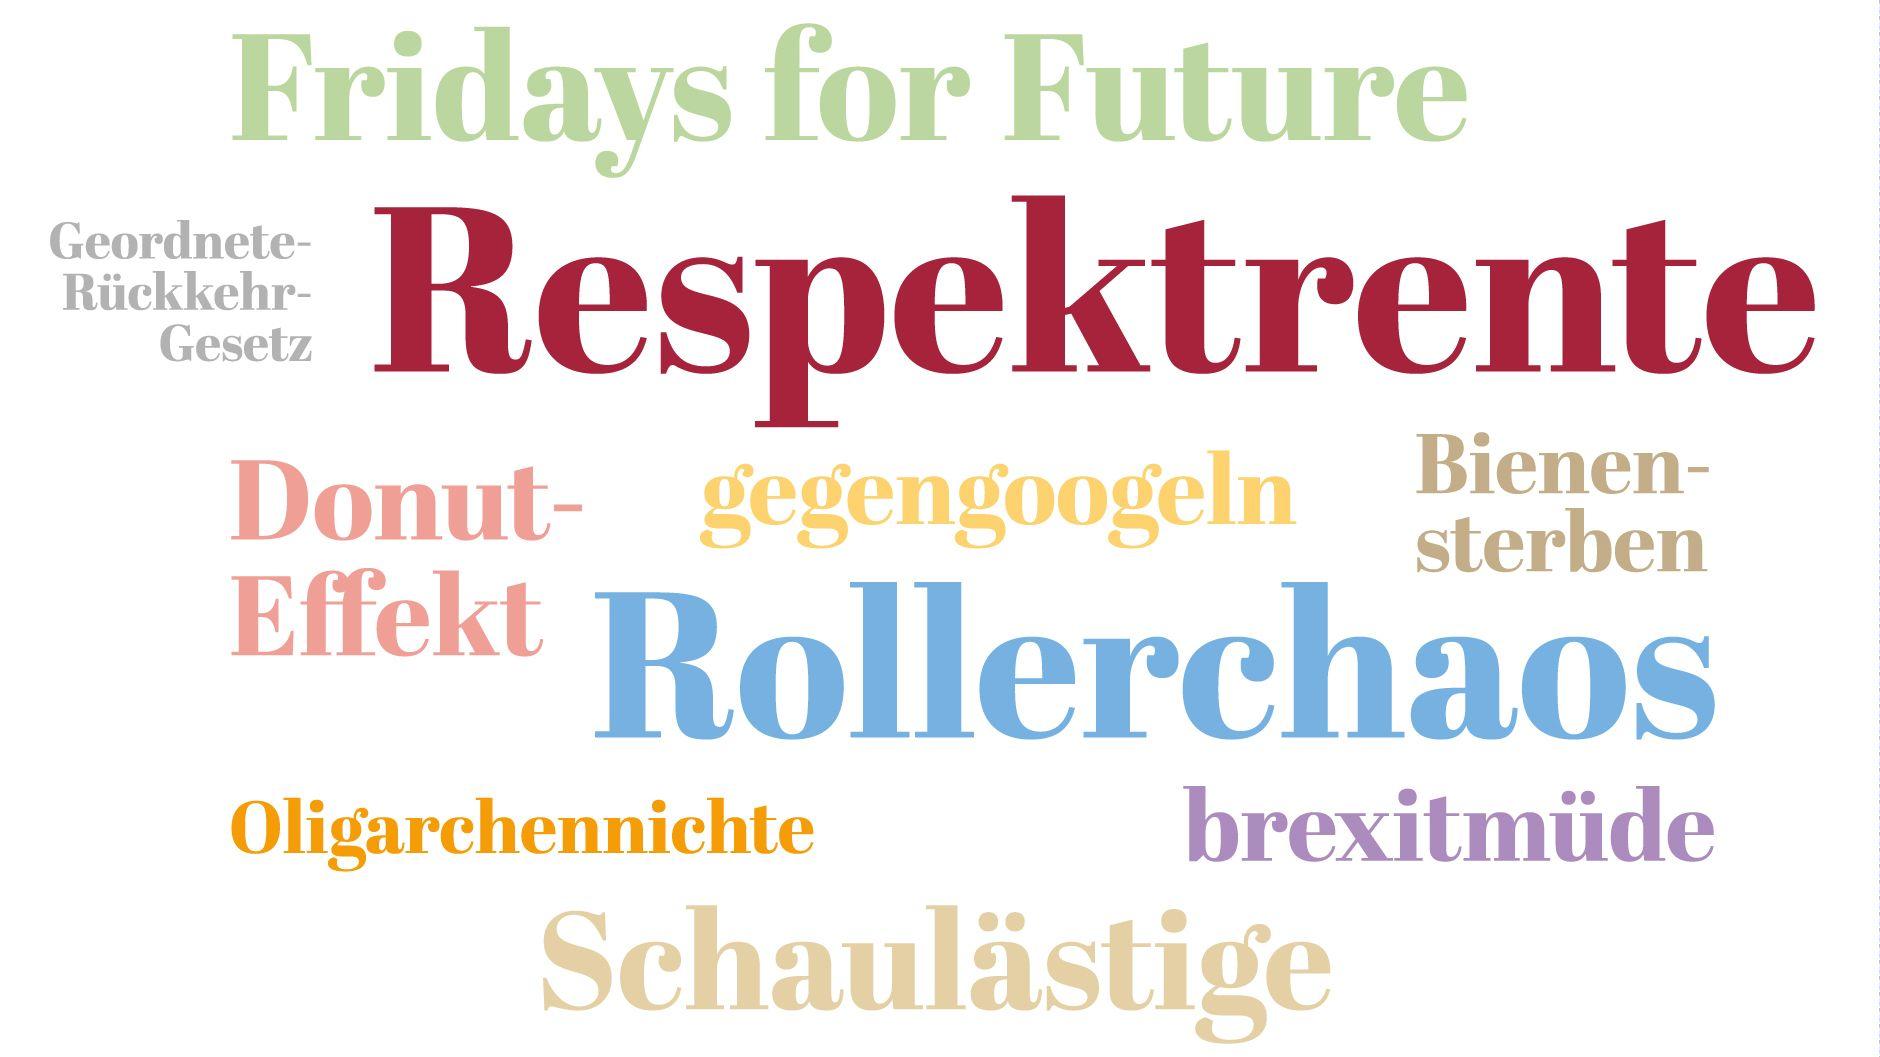 """Grafik zum """"Wort des Jahres"""" 2019: Wörter in unterschiedlichen Farben auf weißem Grund, z.B. """"Respektrente"""", """"Rollerchaos"""" und """"Fridays for Future"""""""